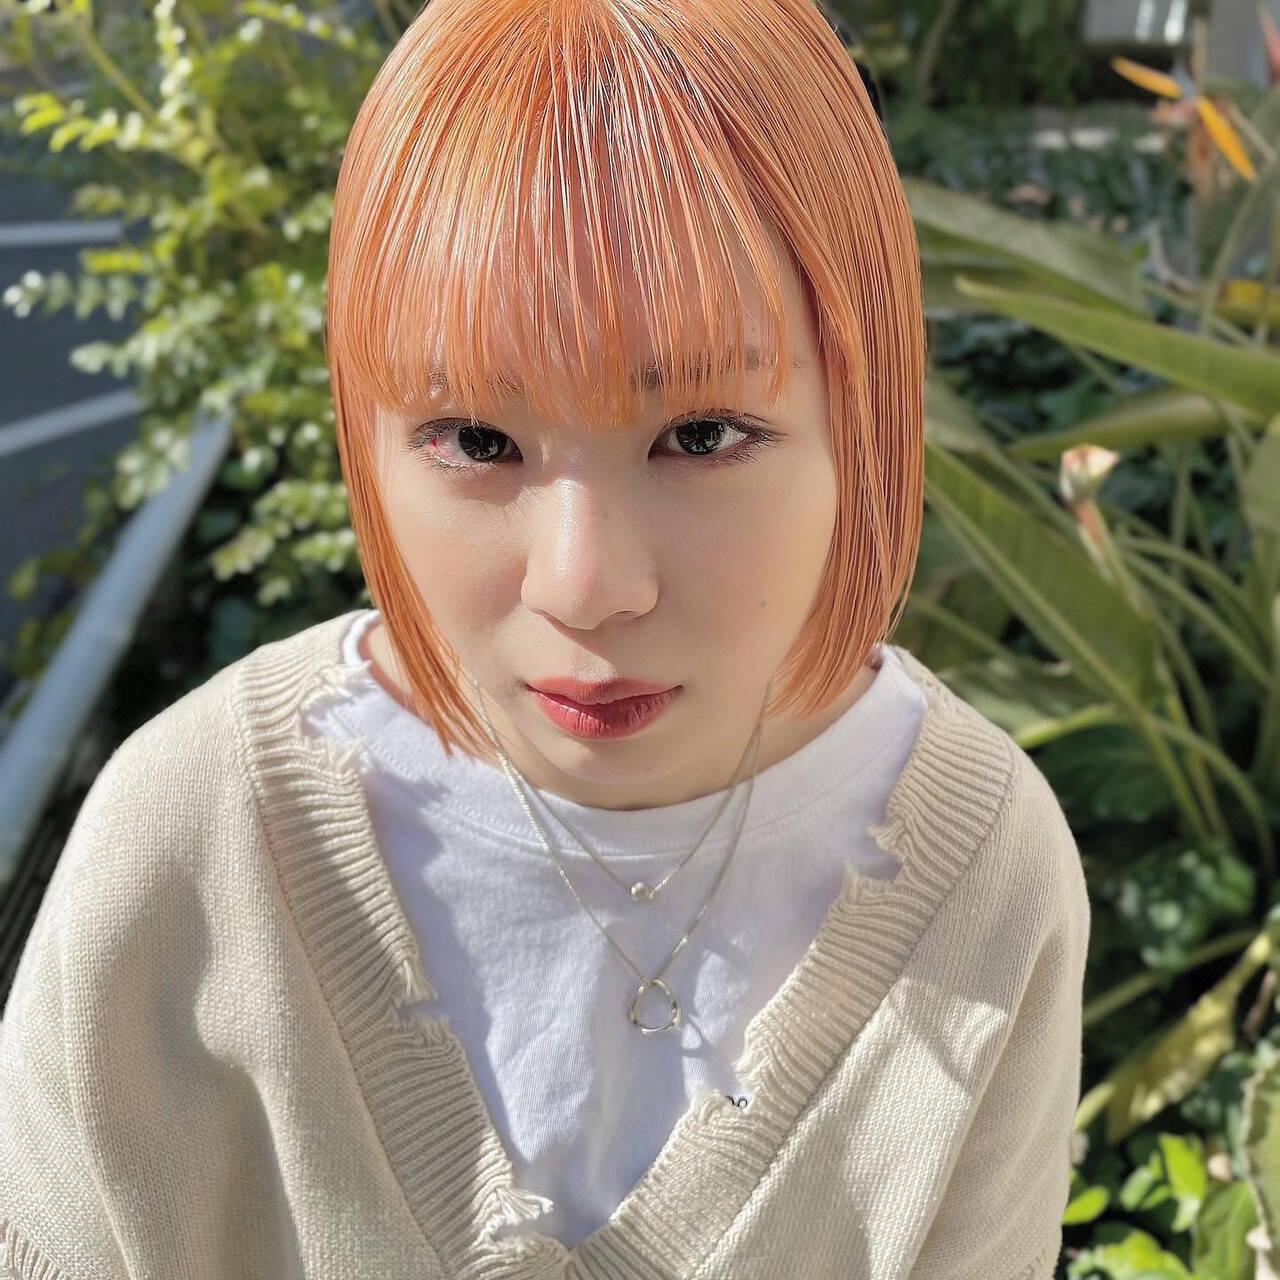 オレンジ オレンジベージュ ミニボブ 前髪パッツンヘアスタイルや髪型の写真・画像